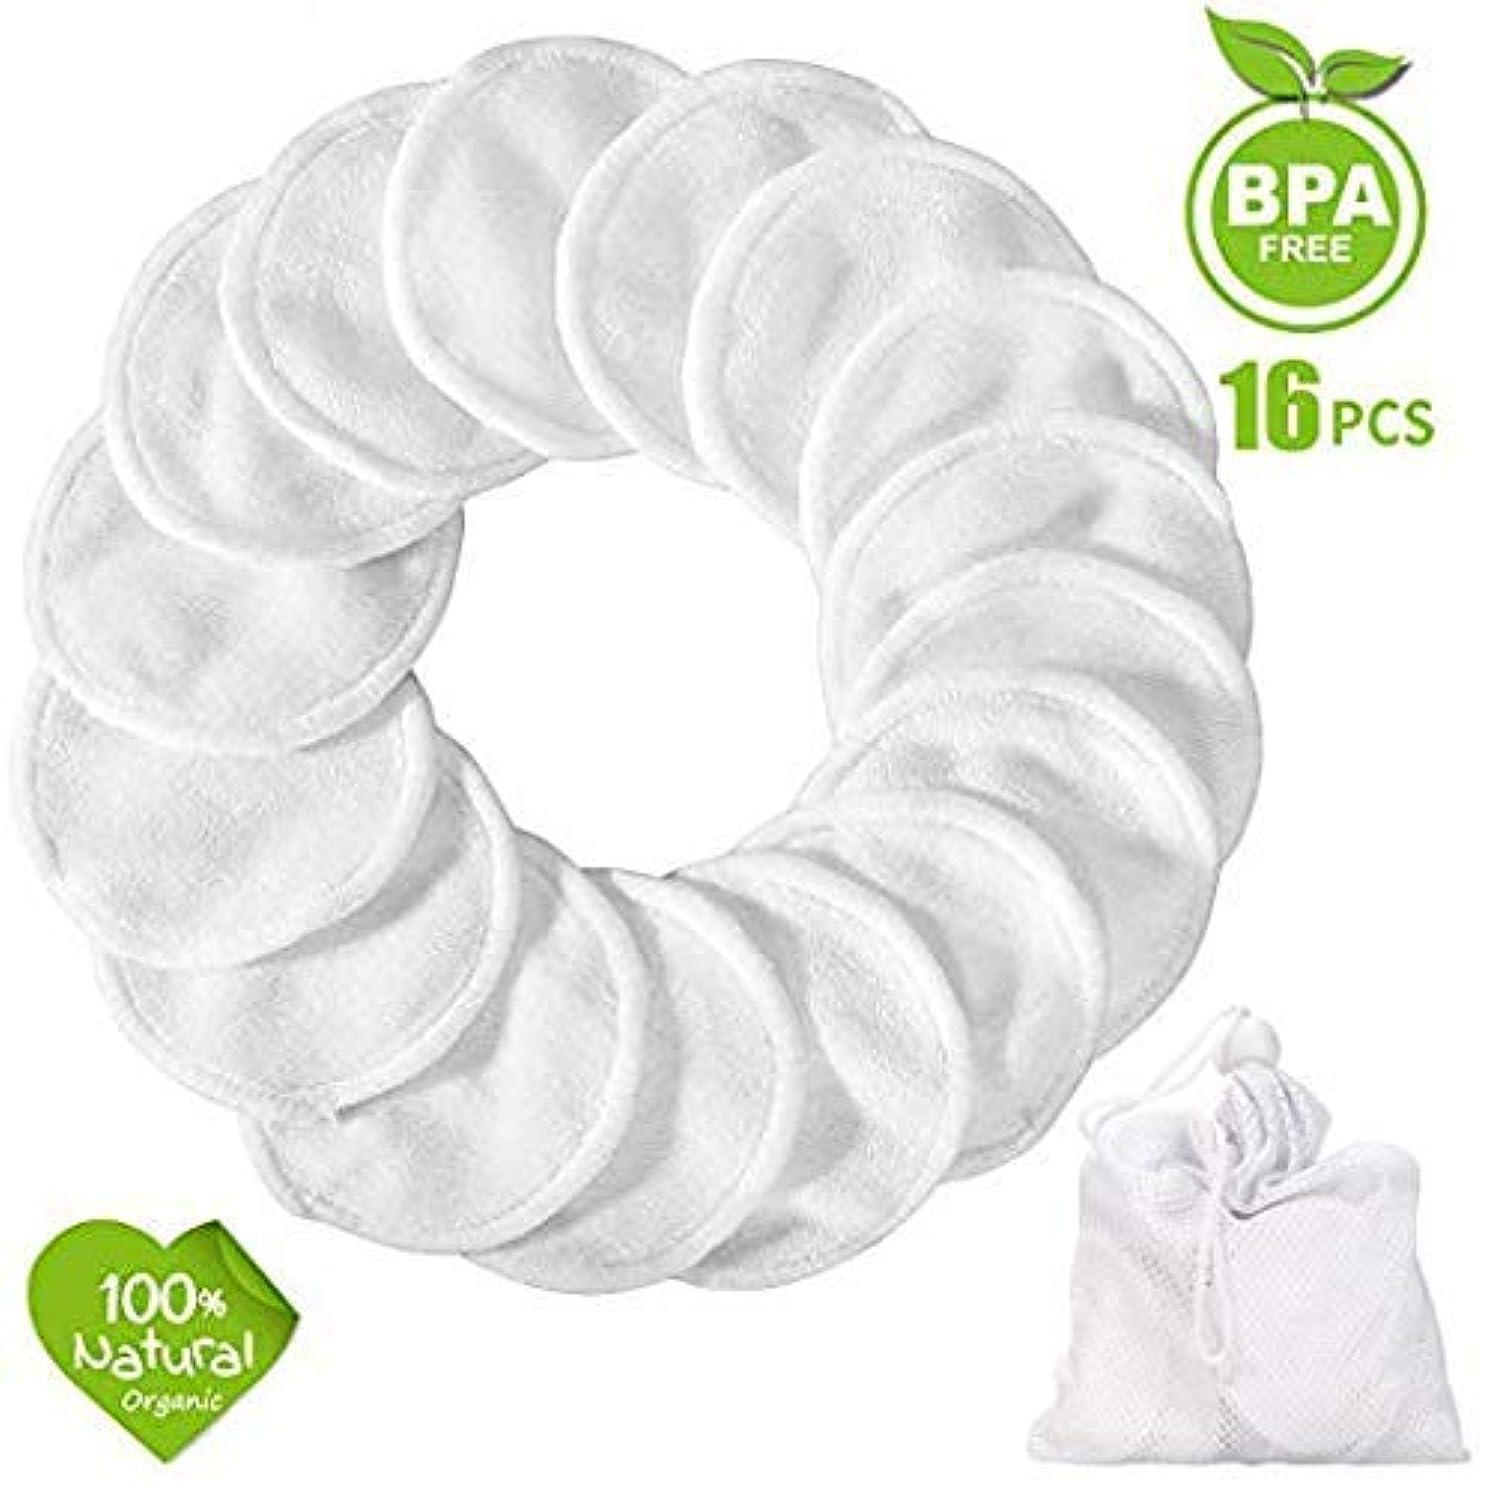 行き当たりばったりパンフレットパウダーメイク落とし再使用可能な構造の除去剤のパッド16のパック、洗濯袋が付いている洗濯できるタケ綿パッド